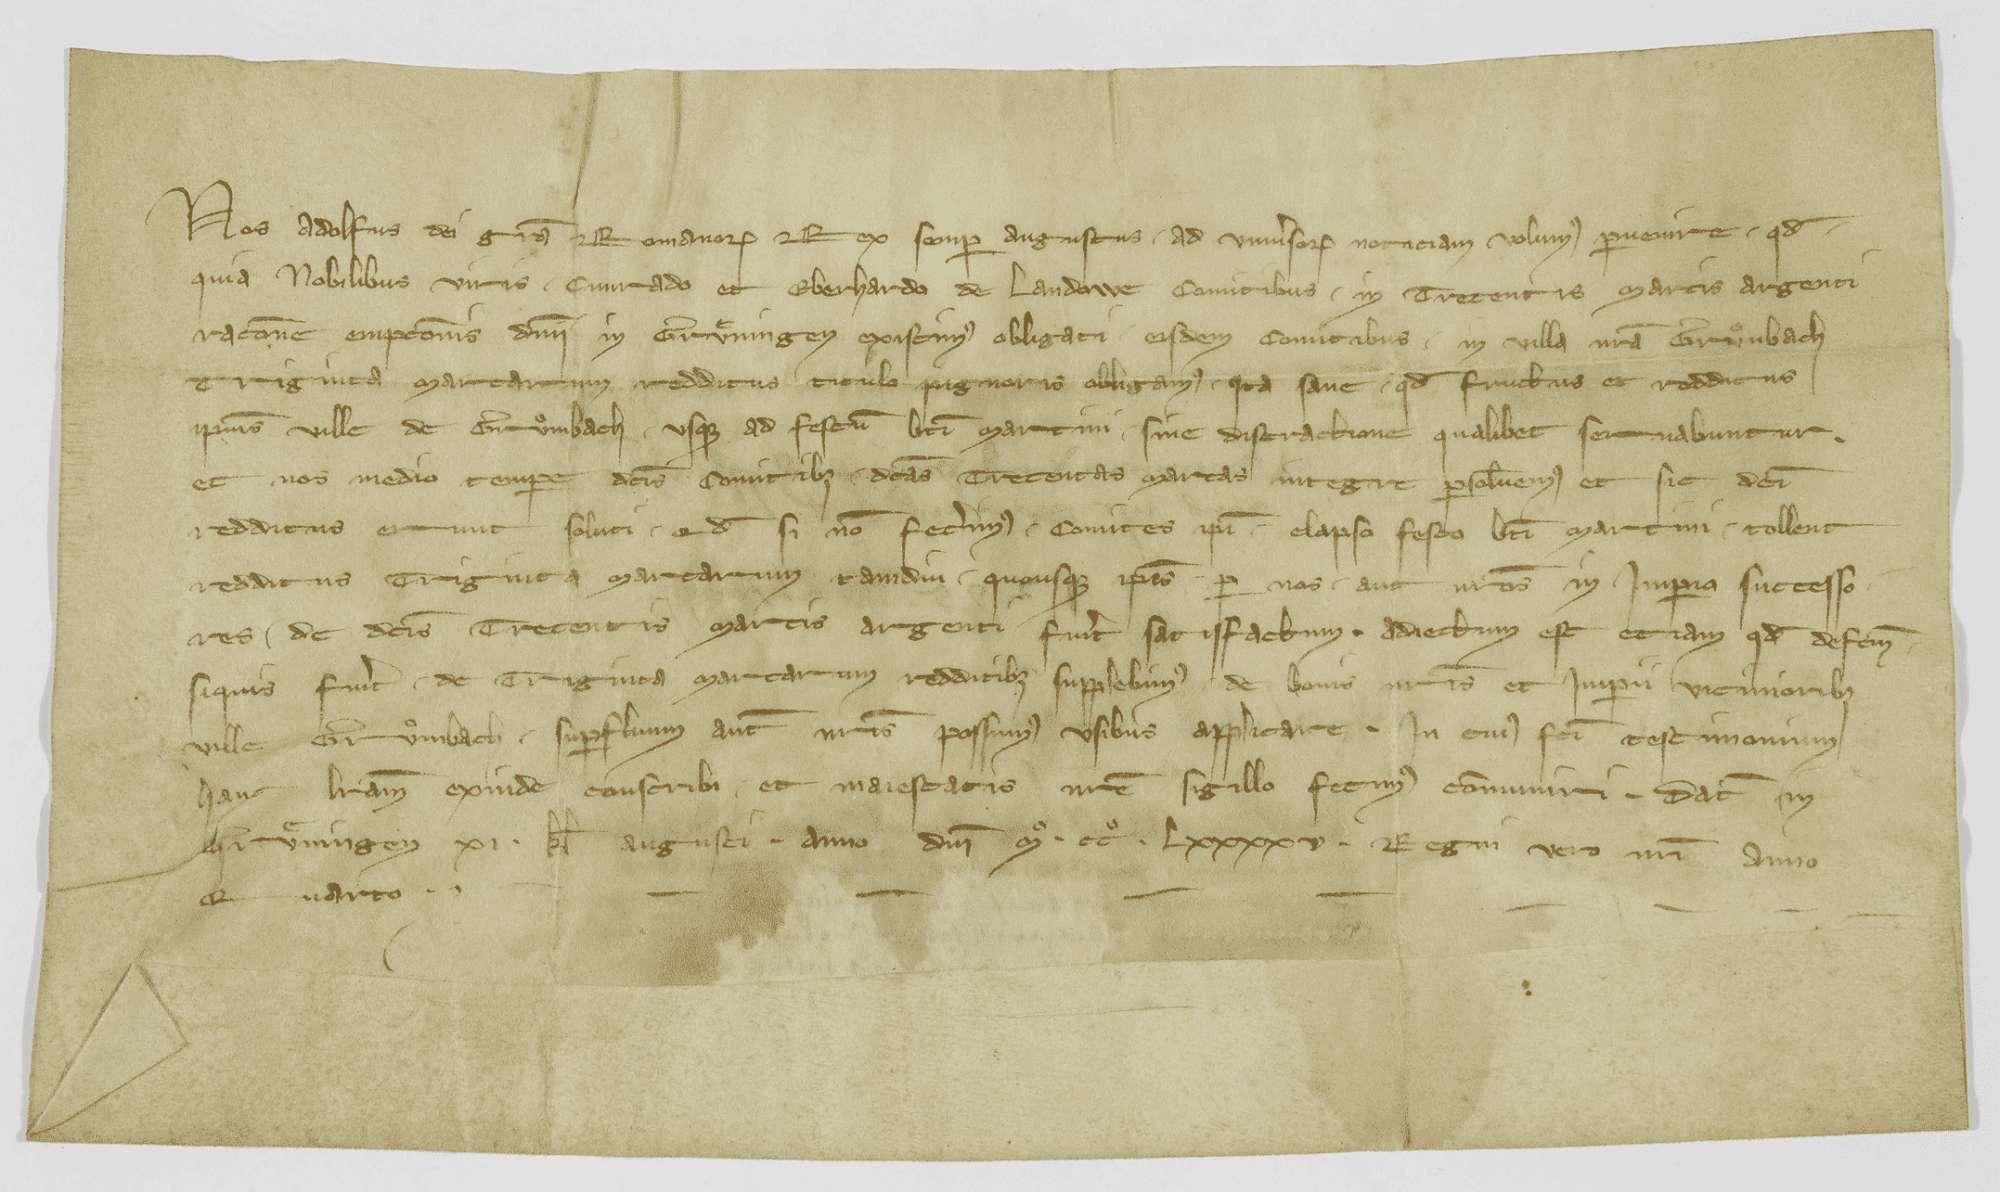 König Adolf von Nassau verpfändet den Grafen von Landau für den Rest des Kaufpreises der Herrschaft Gröningen die Einkünfte des Dorfes Grumbach., Bild 1